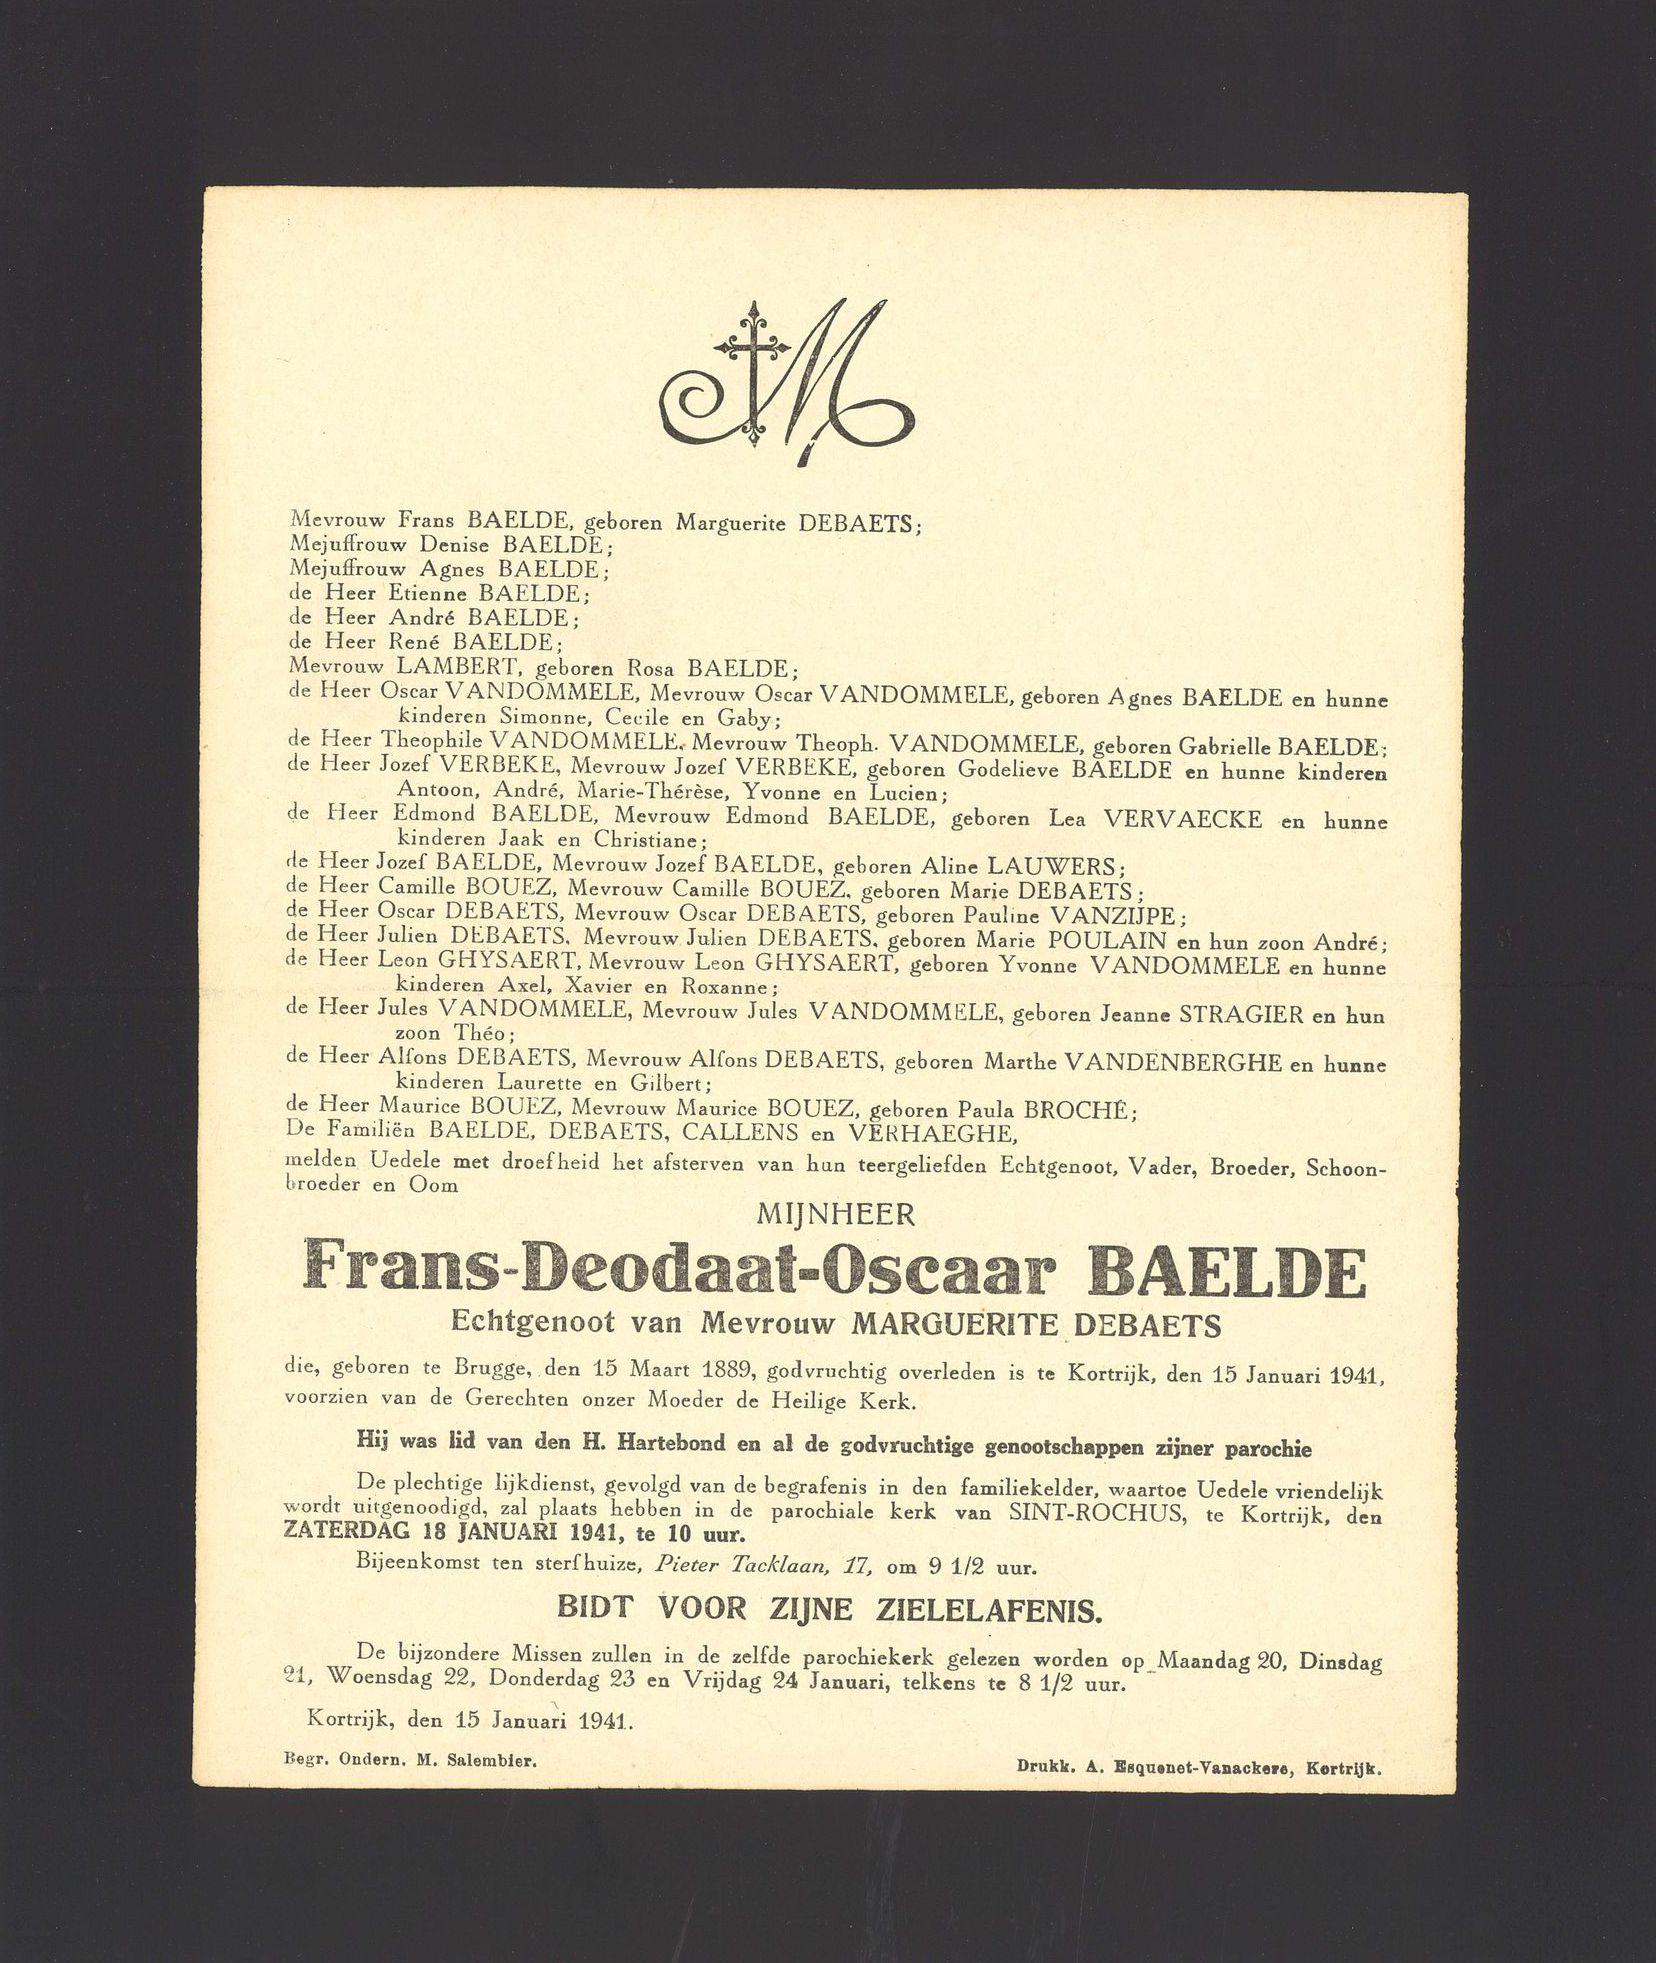 Frans-Deodaat-Oscaar Baelde